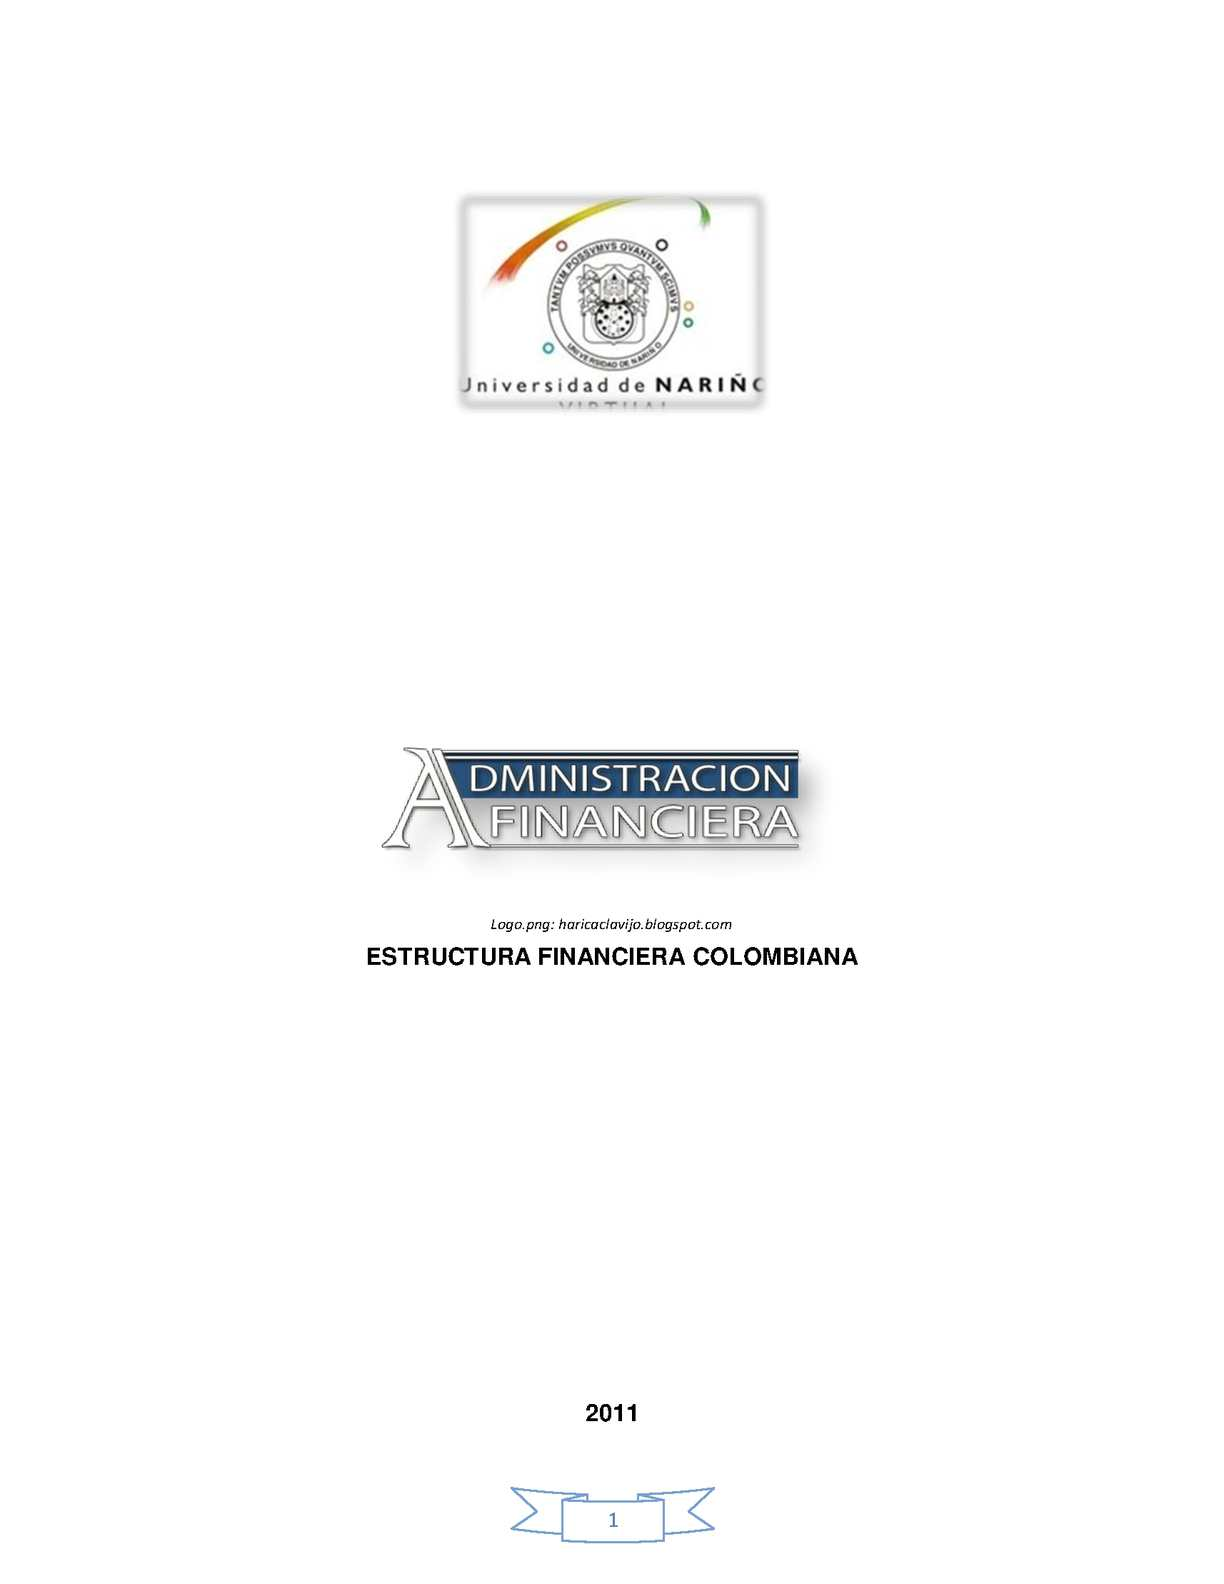 ORGANISMOS DE CONTROL Y VIGILANCIA DEL SISTEMA FINANCIERO COLOMBIANO